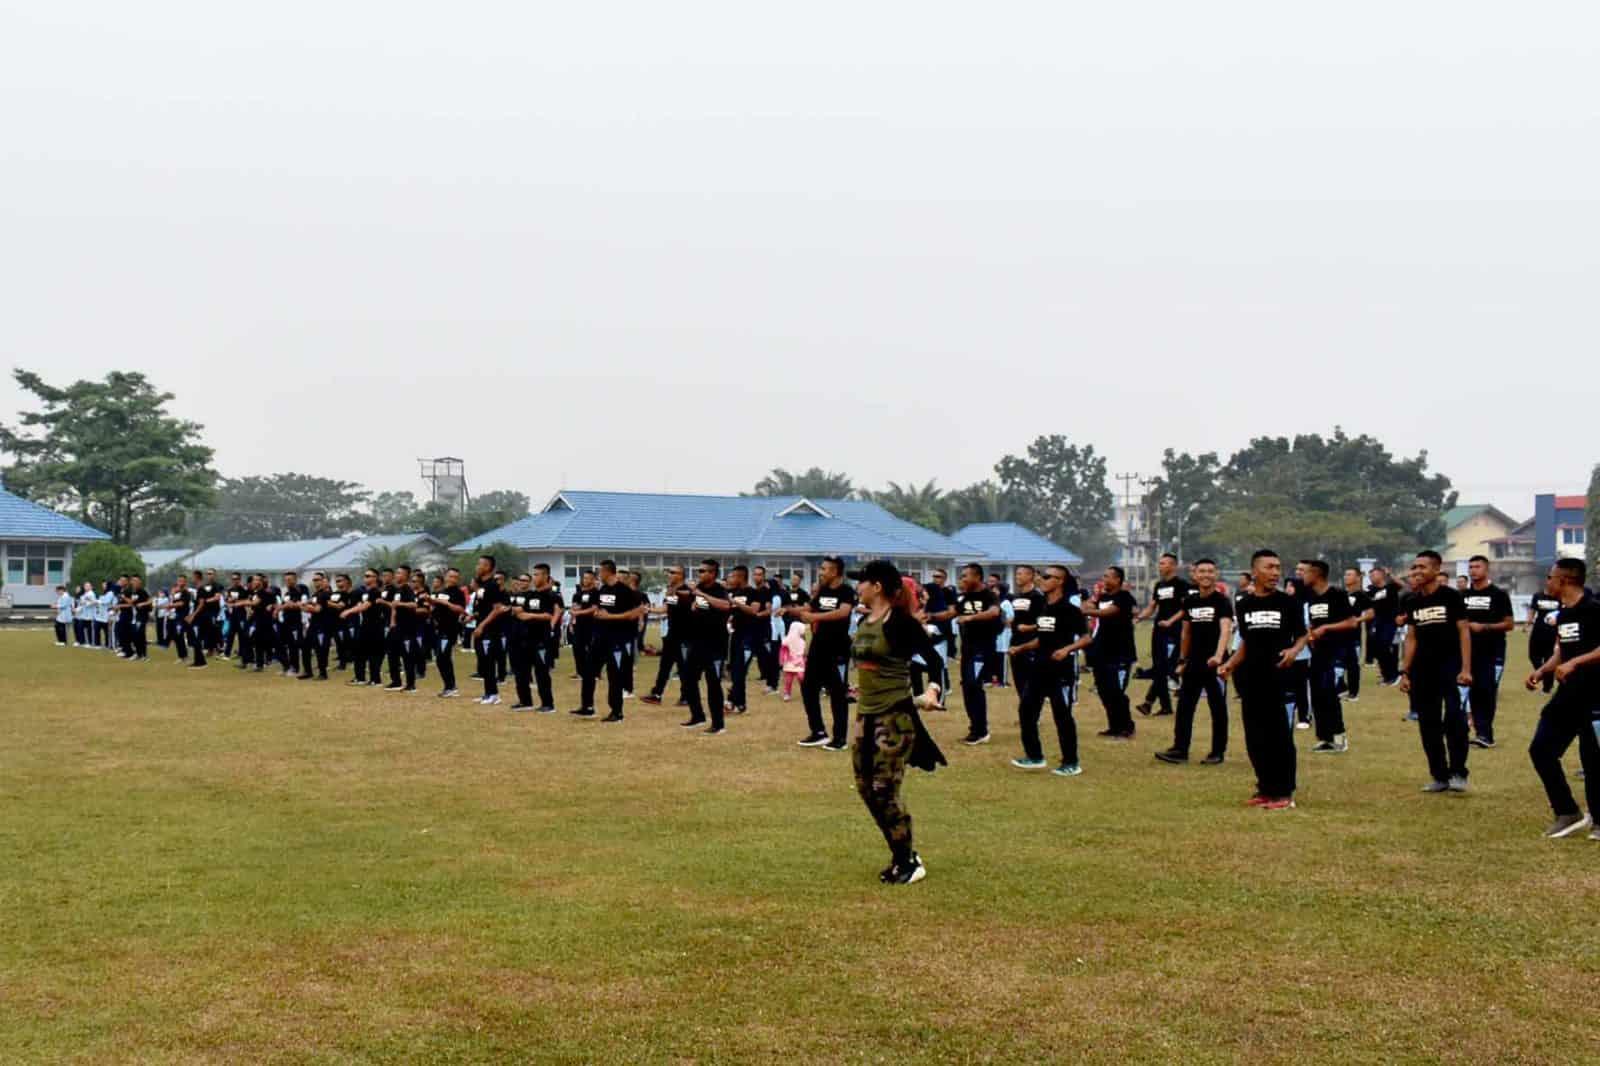 Tatap Muka Danwing III Paskhas Dengan Keluarga Besar Yonko 462 Paskhas